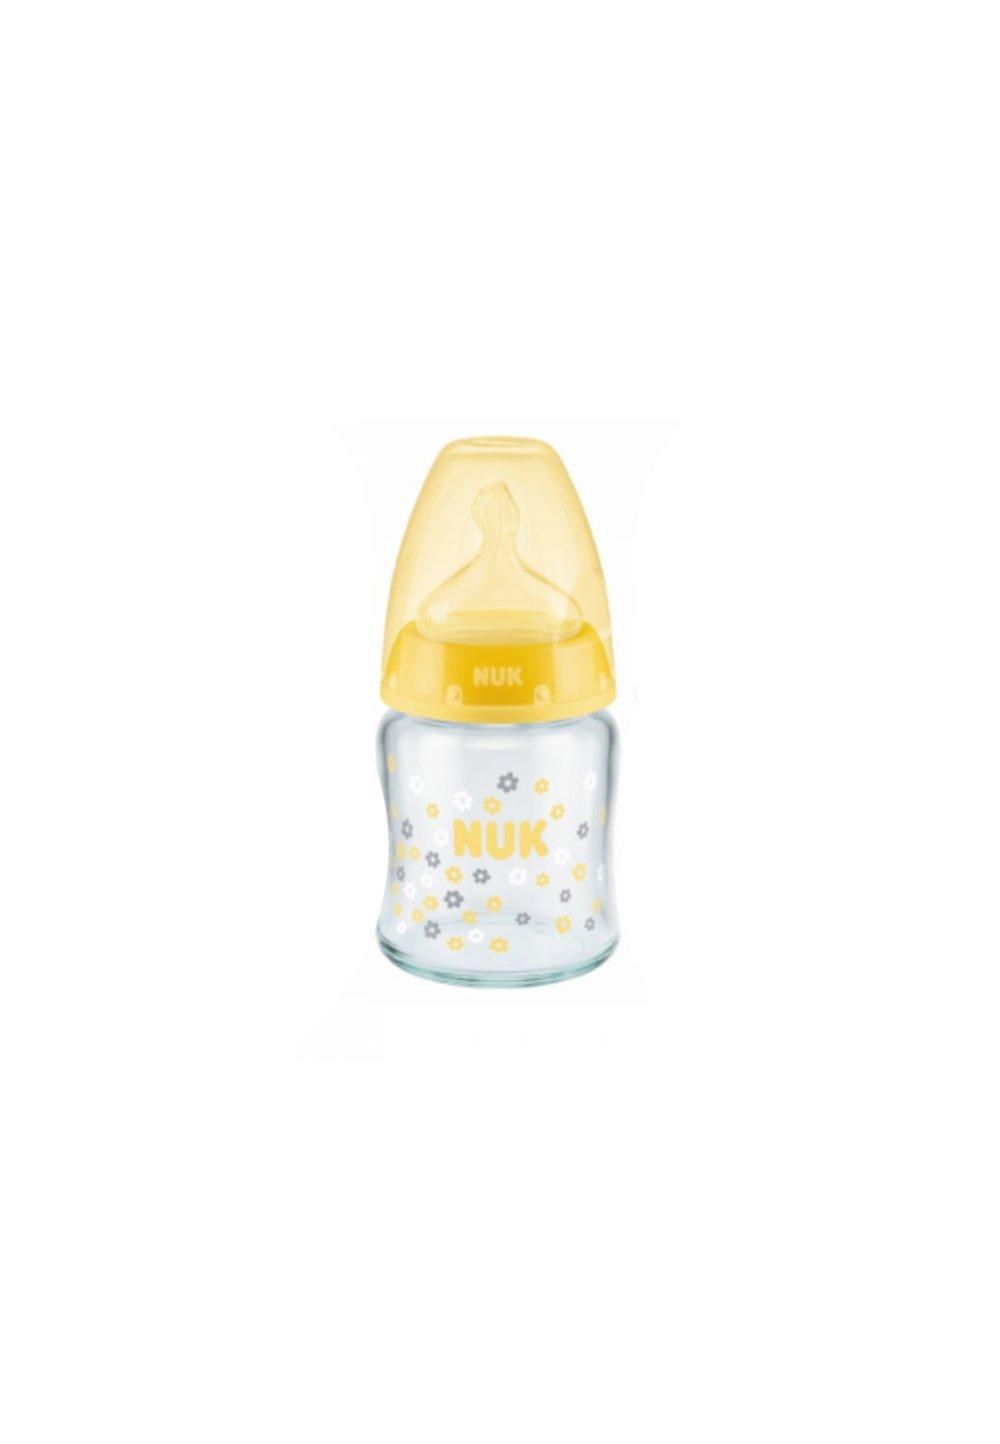 Biberon sticla Nuk, First choice, tetina silicon, 0-6 luni, 120 ml, galben imagine